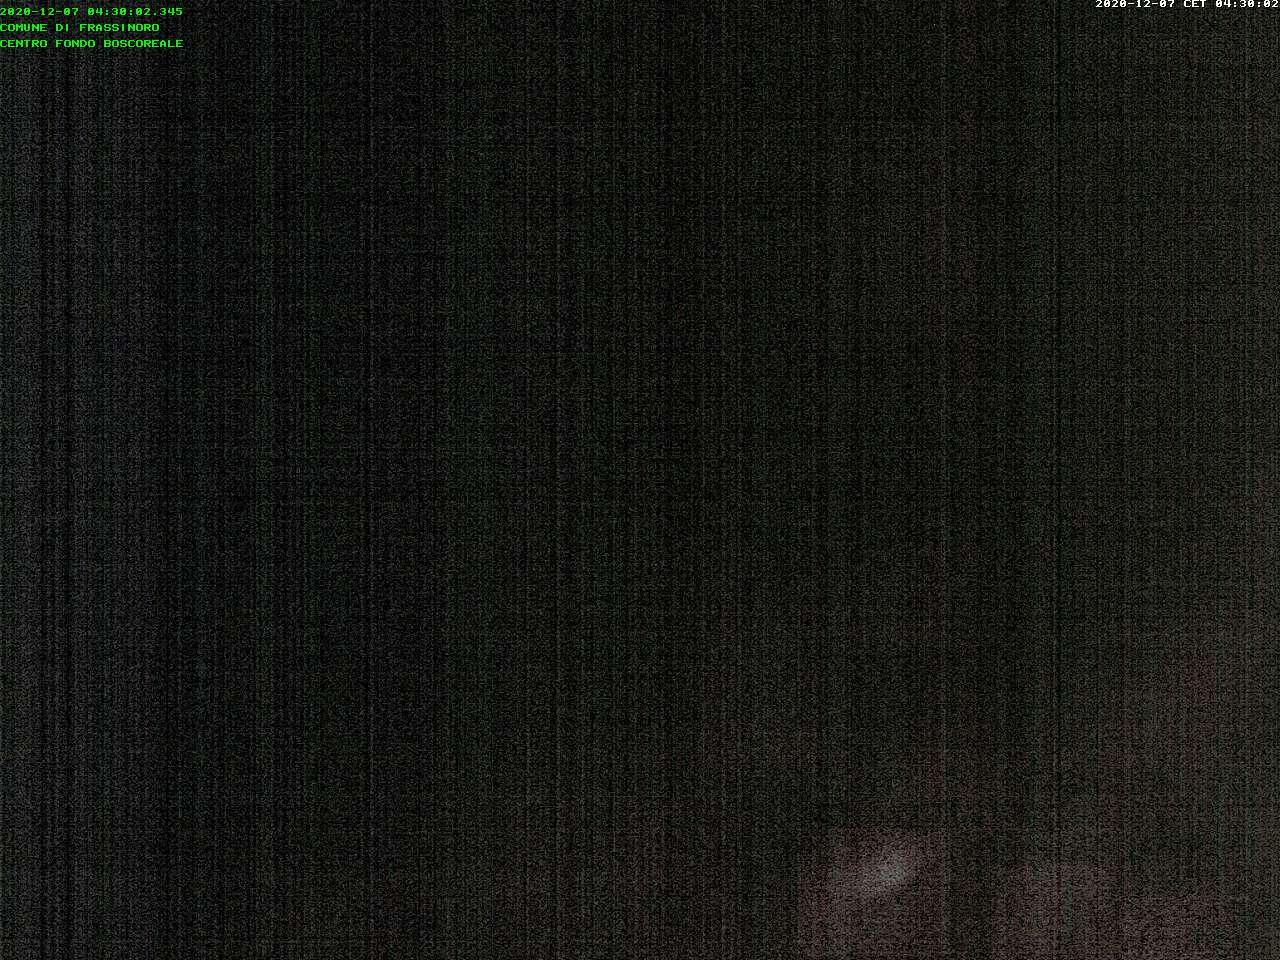 Webcam Centro Fondo Boscoreale (MO) - 1410 m. slm